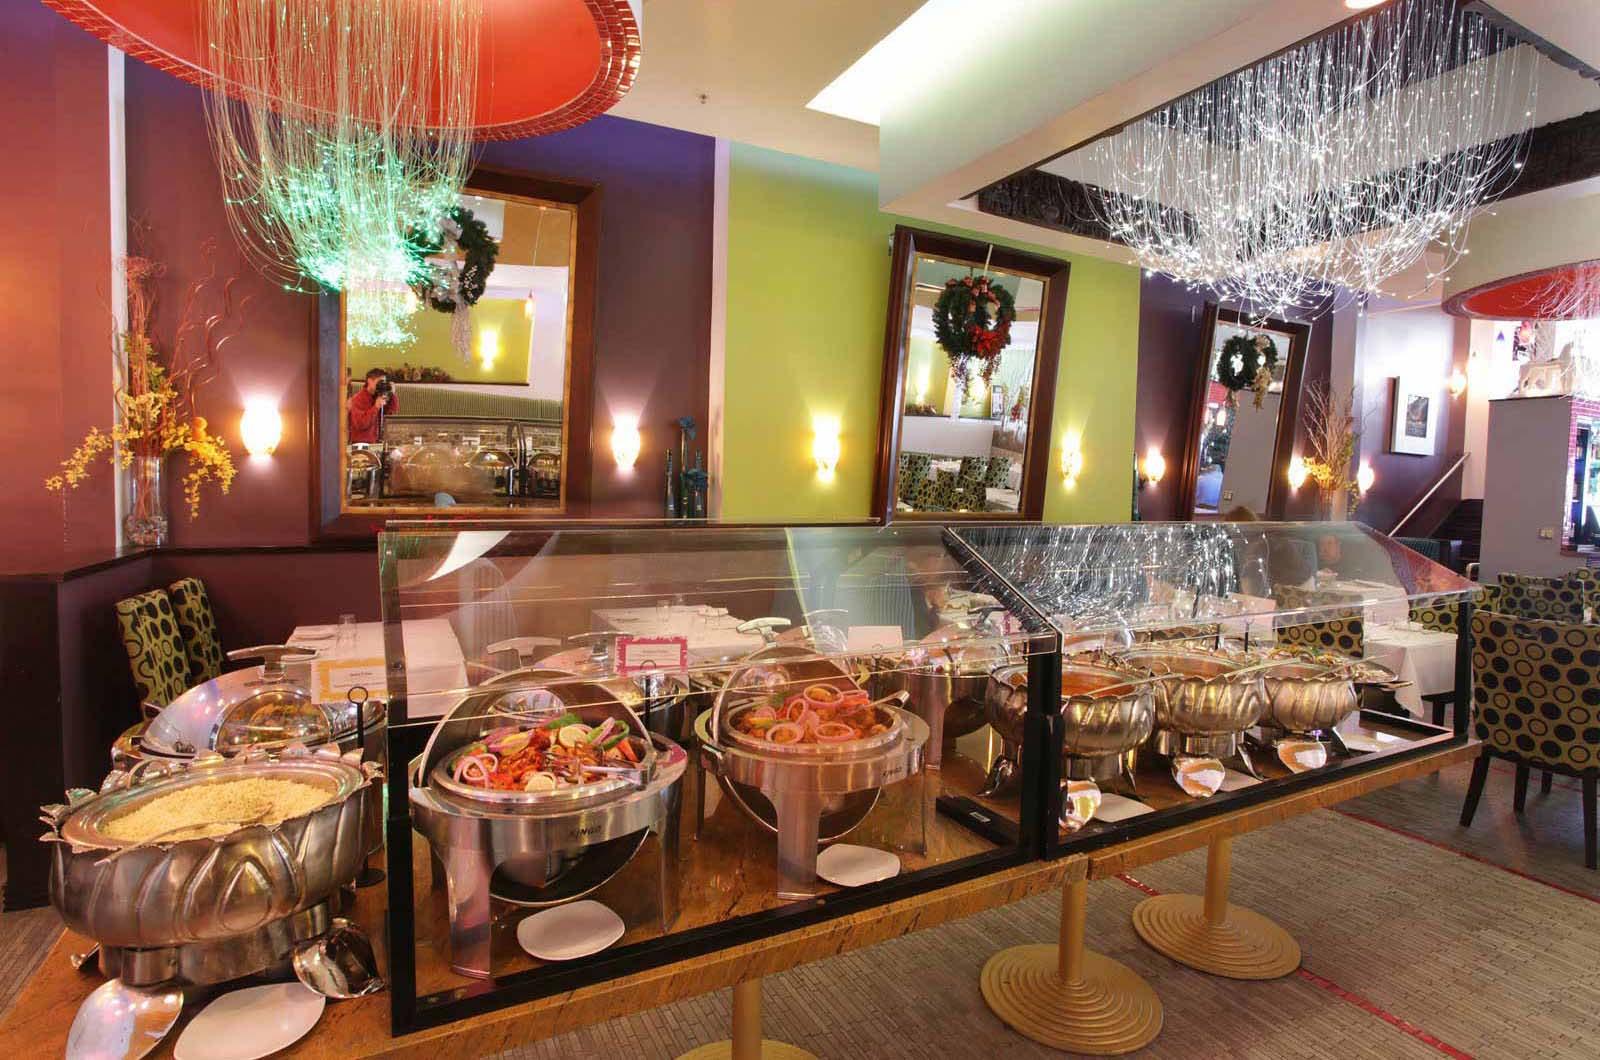 Sakoon Fremont CA, Sakoon Restaurant Fremont